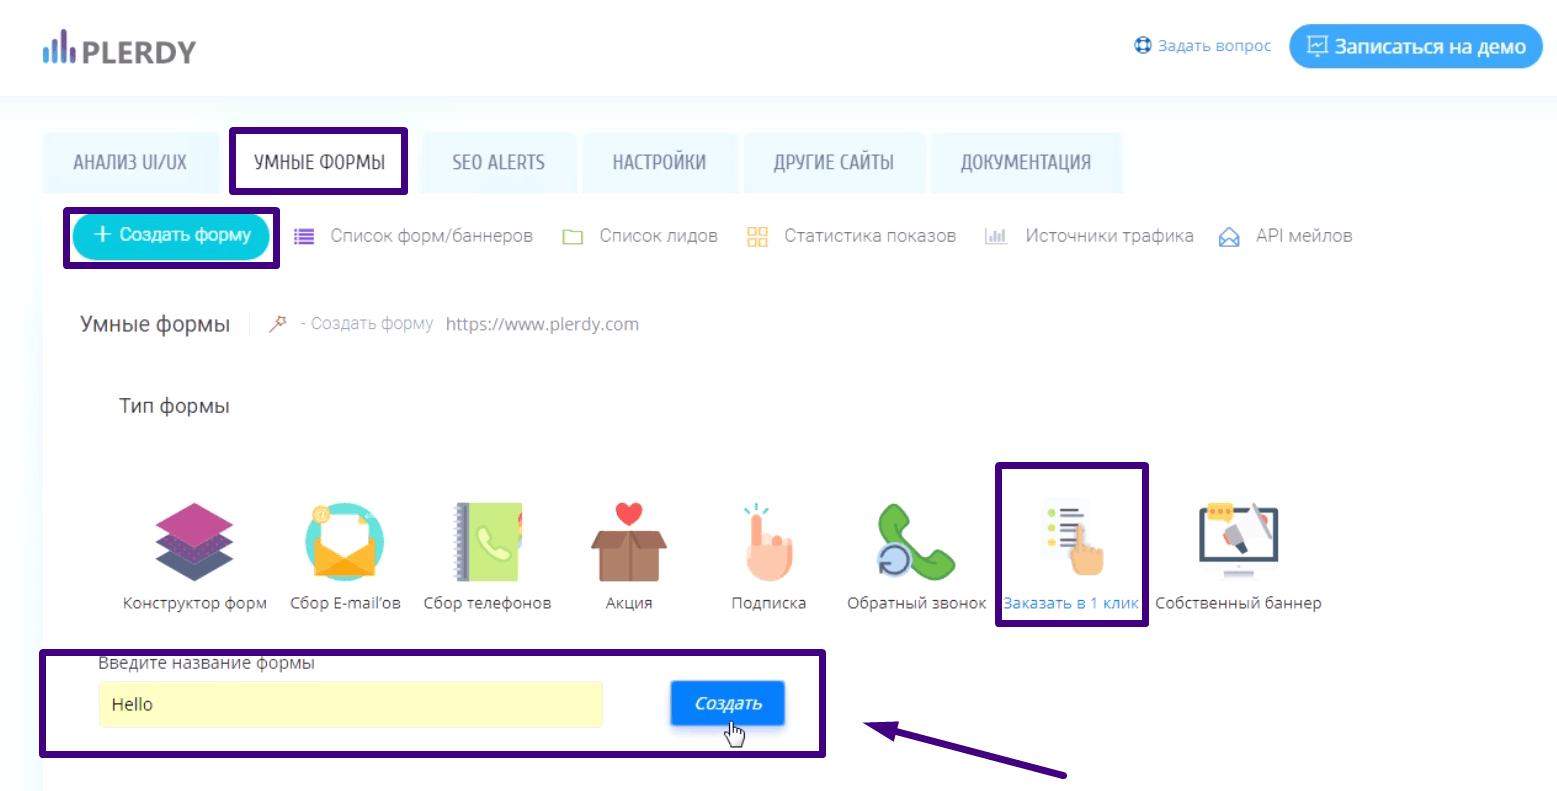 формы Plerdy для заказа в 1 клик 1